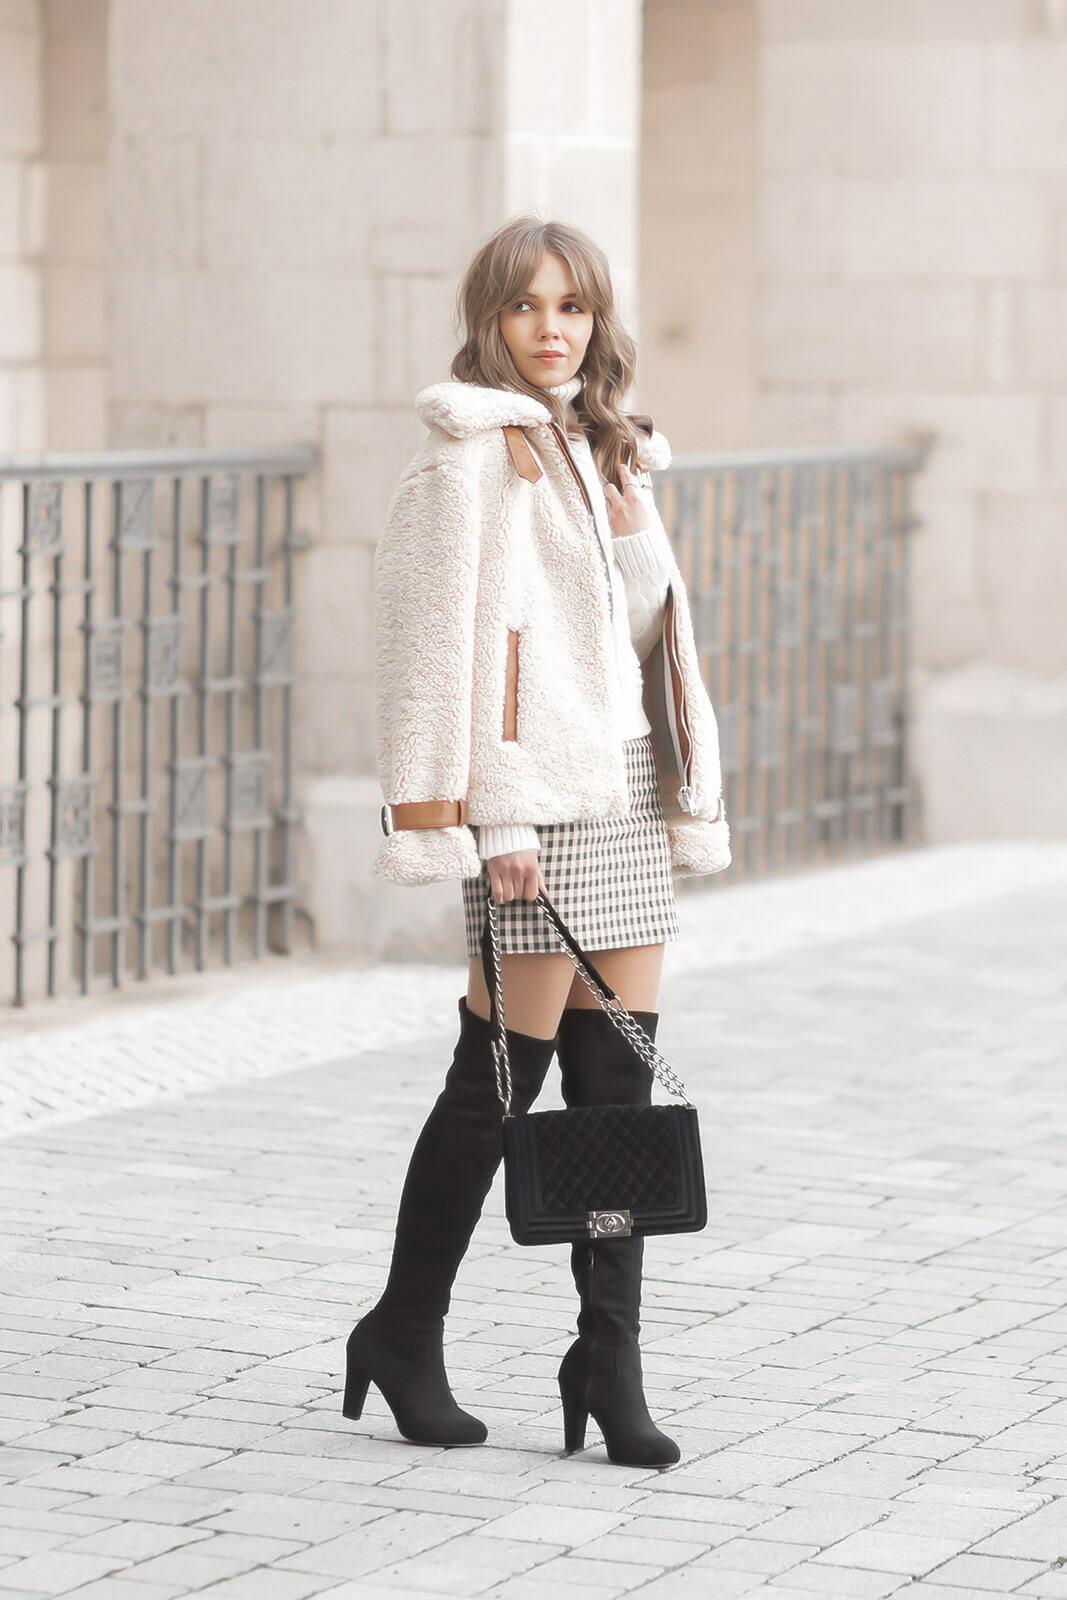 Minirock im Winter stylen mit Overknees